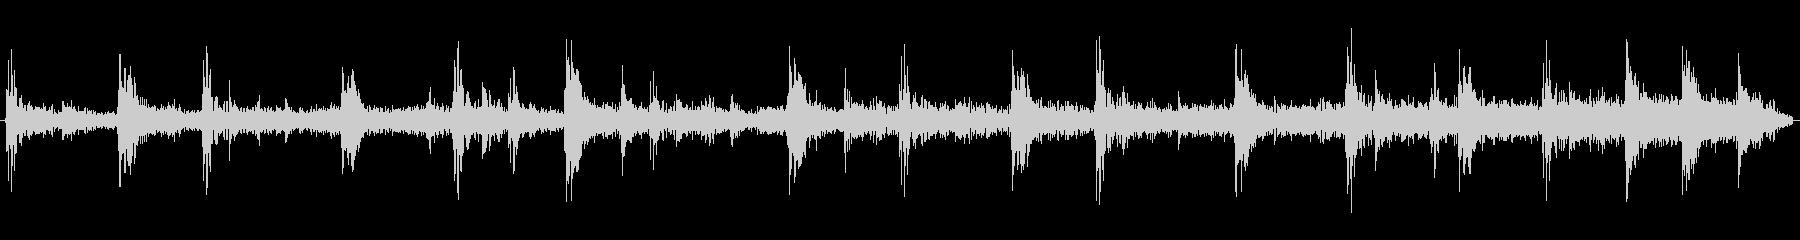 ロックジングル/ギター無し/場面移行時にの未再生の波形